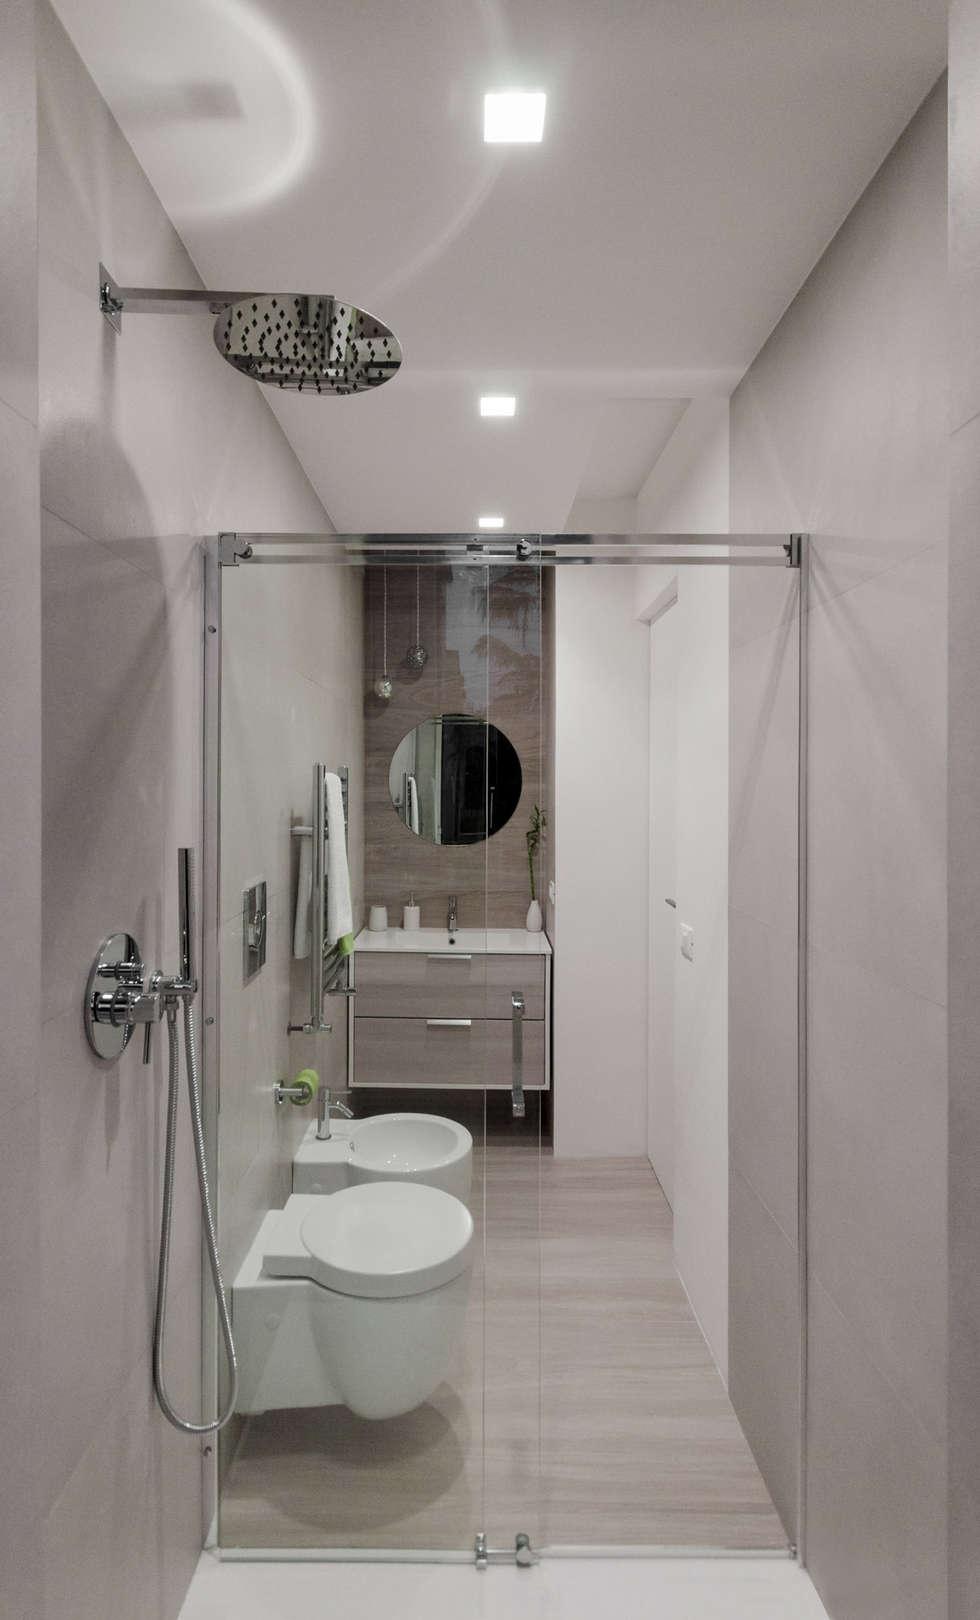 Fotos de decoração, design de interiores e remodelações | homify